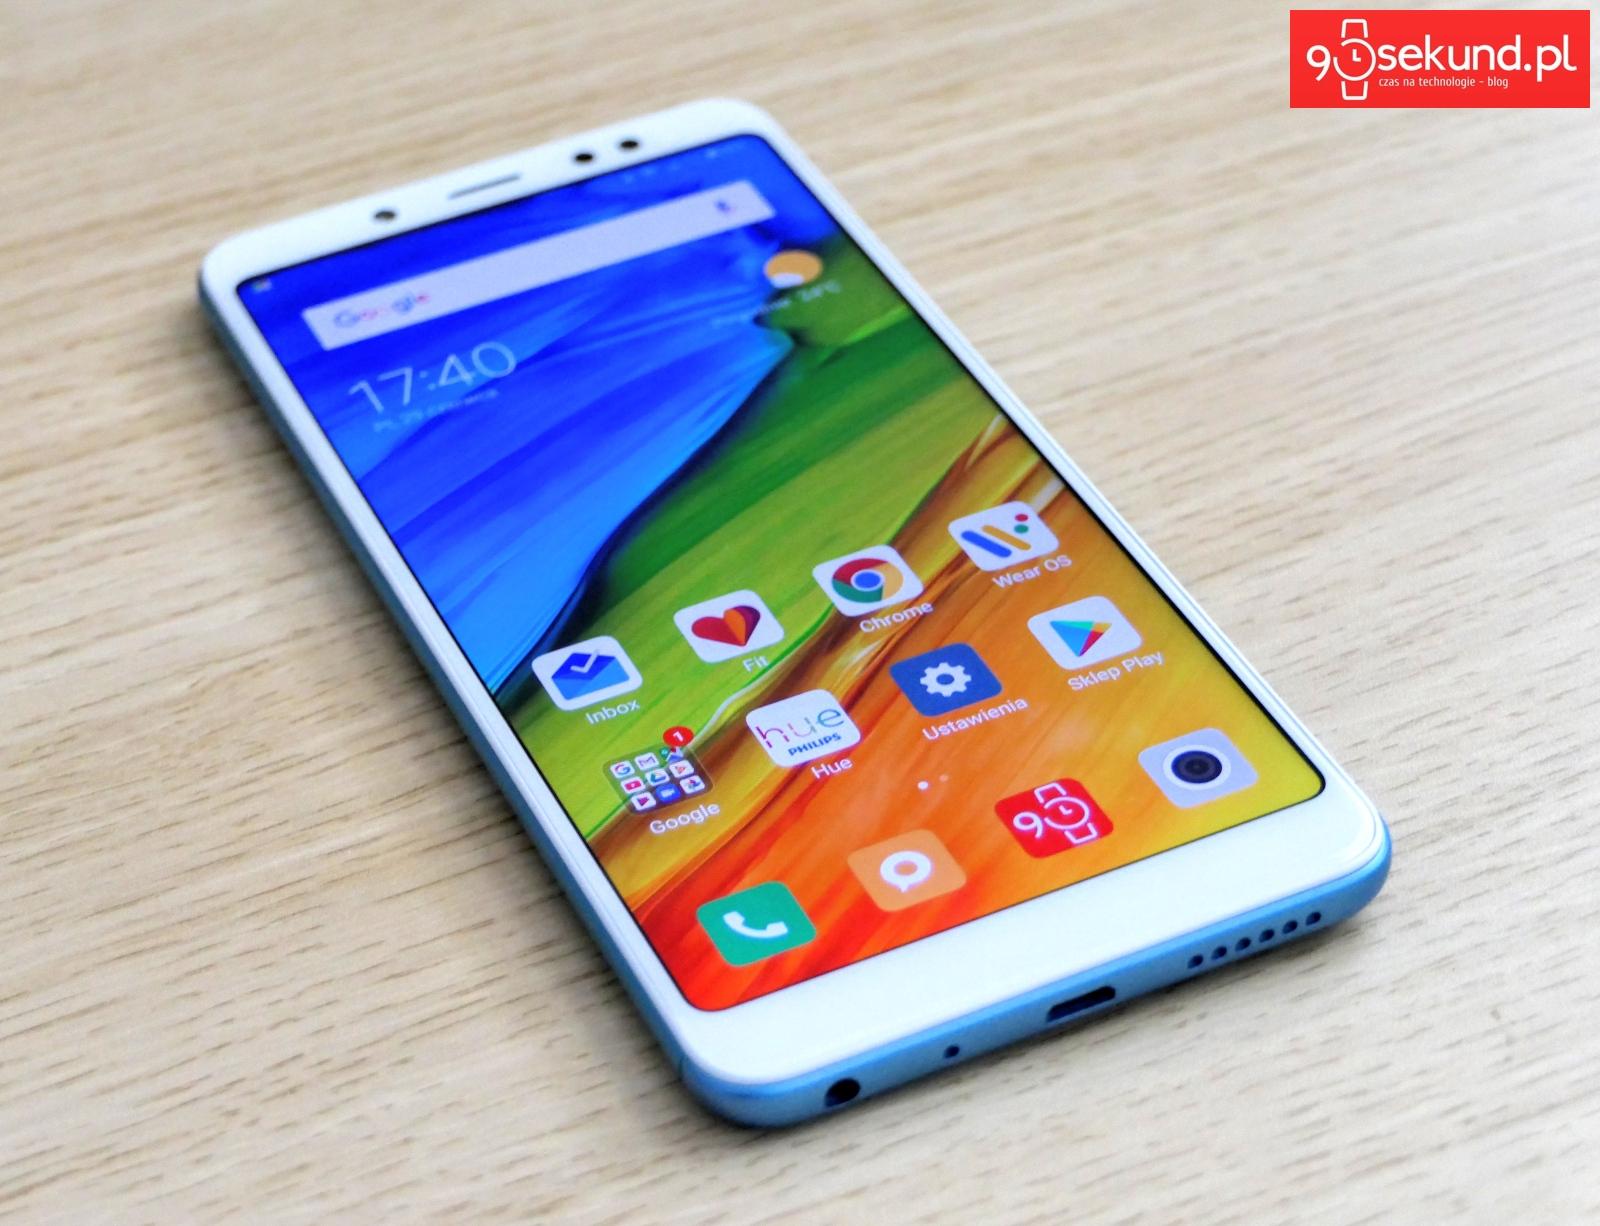 Recenzja Xiaomi Redmi Note 5 90sekund Michał Brożyński